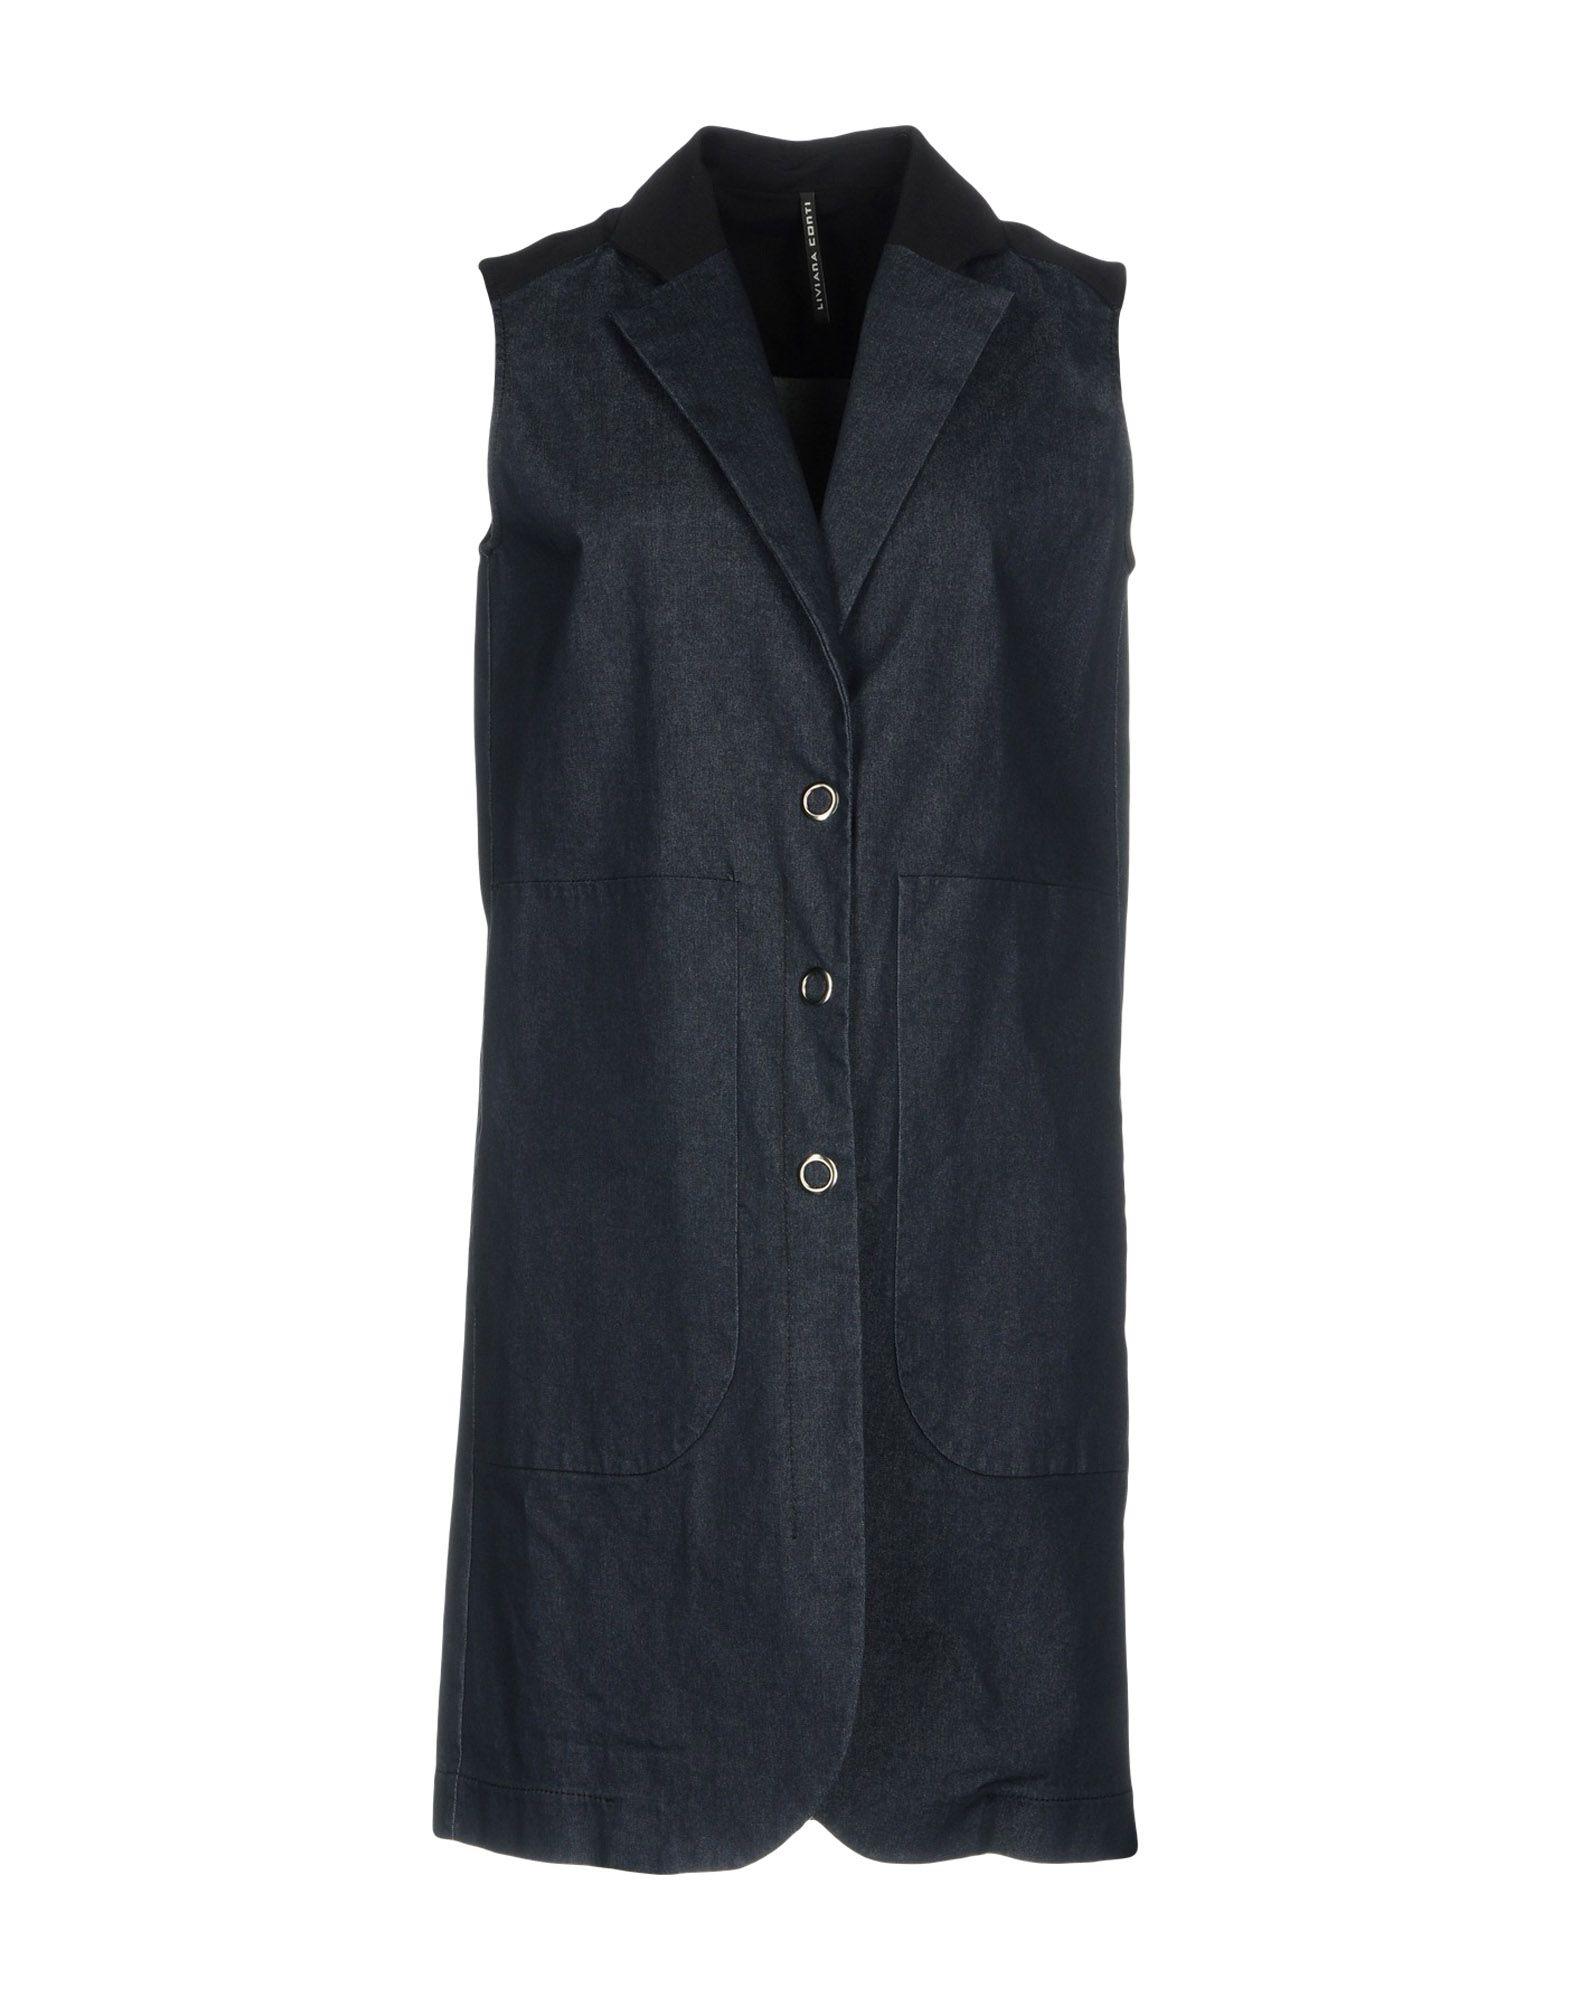 цены на LIVIANA CONTI Джинсовая верхняя одежда в интернет-магазинах